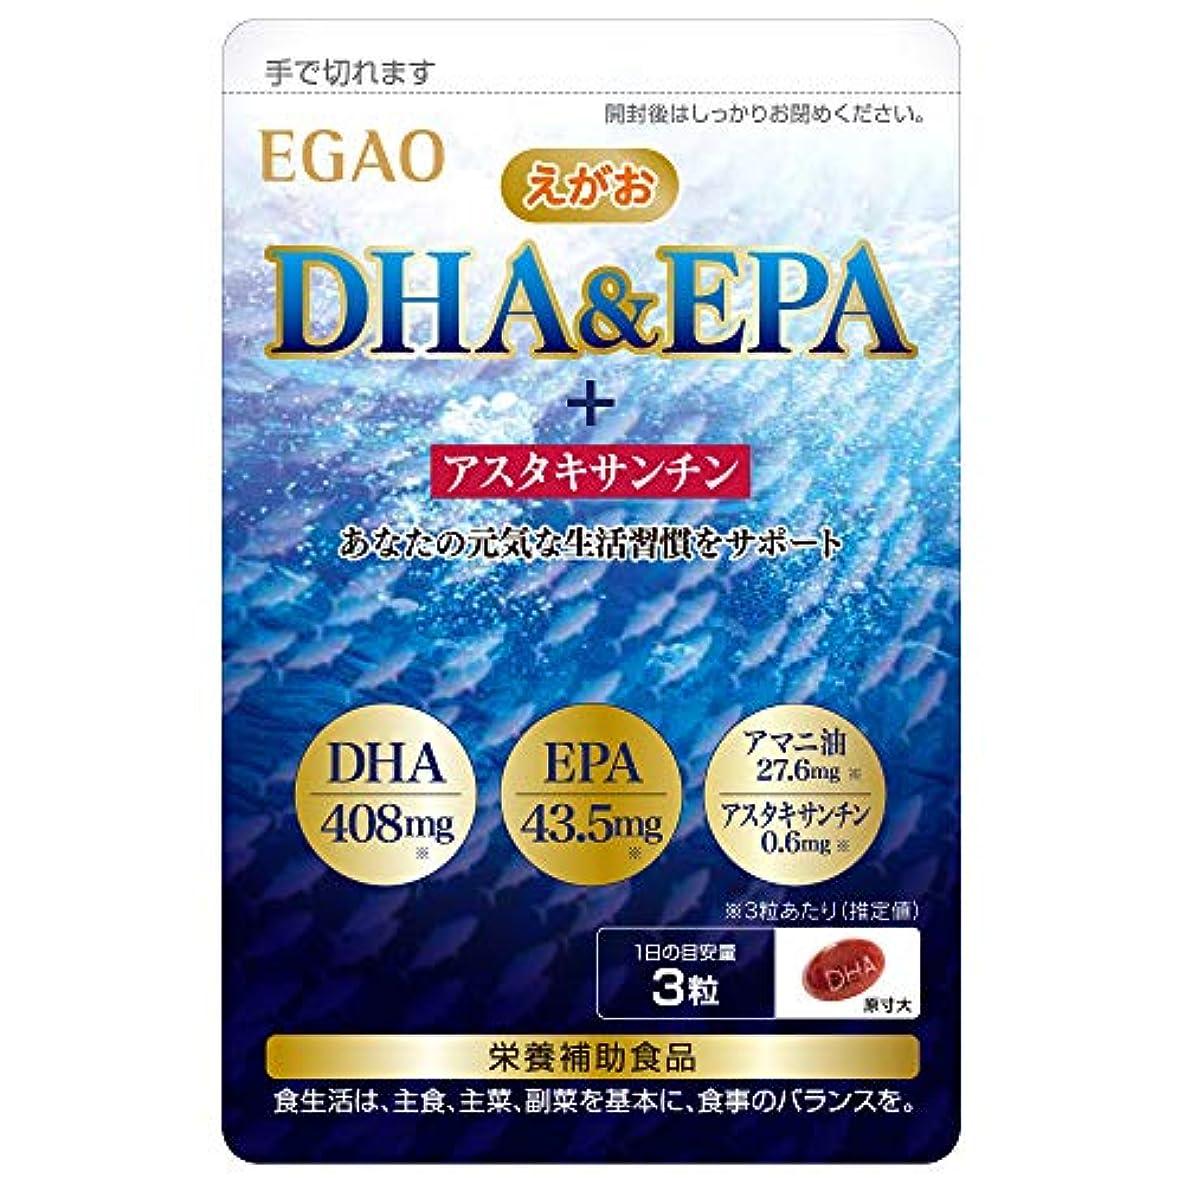 隣人なめらかな絶滅させるえがおの DHA&EPA+アスタキサンチン 【1袋】(1袋/93粒入り 約1ヵ月分) 栄養補助食品